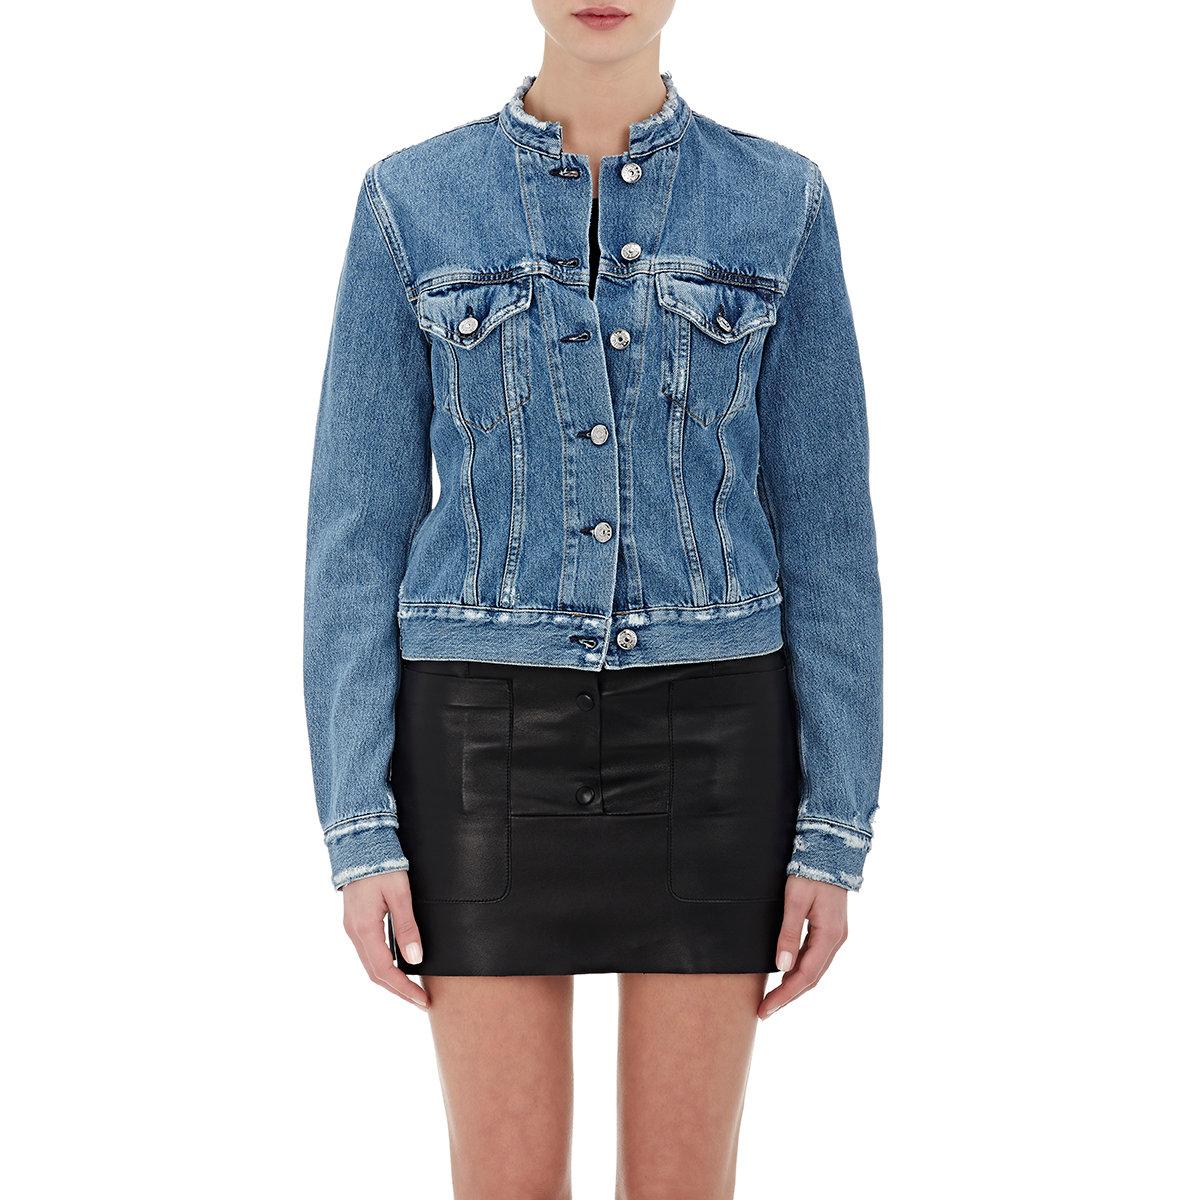 Women blue jean jackets